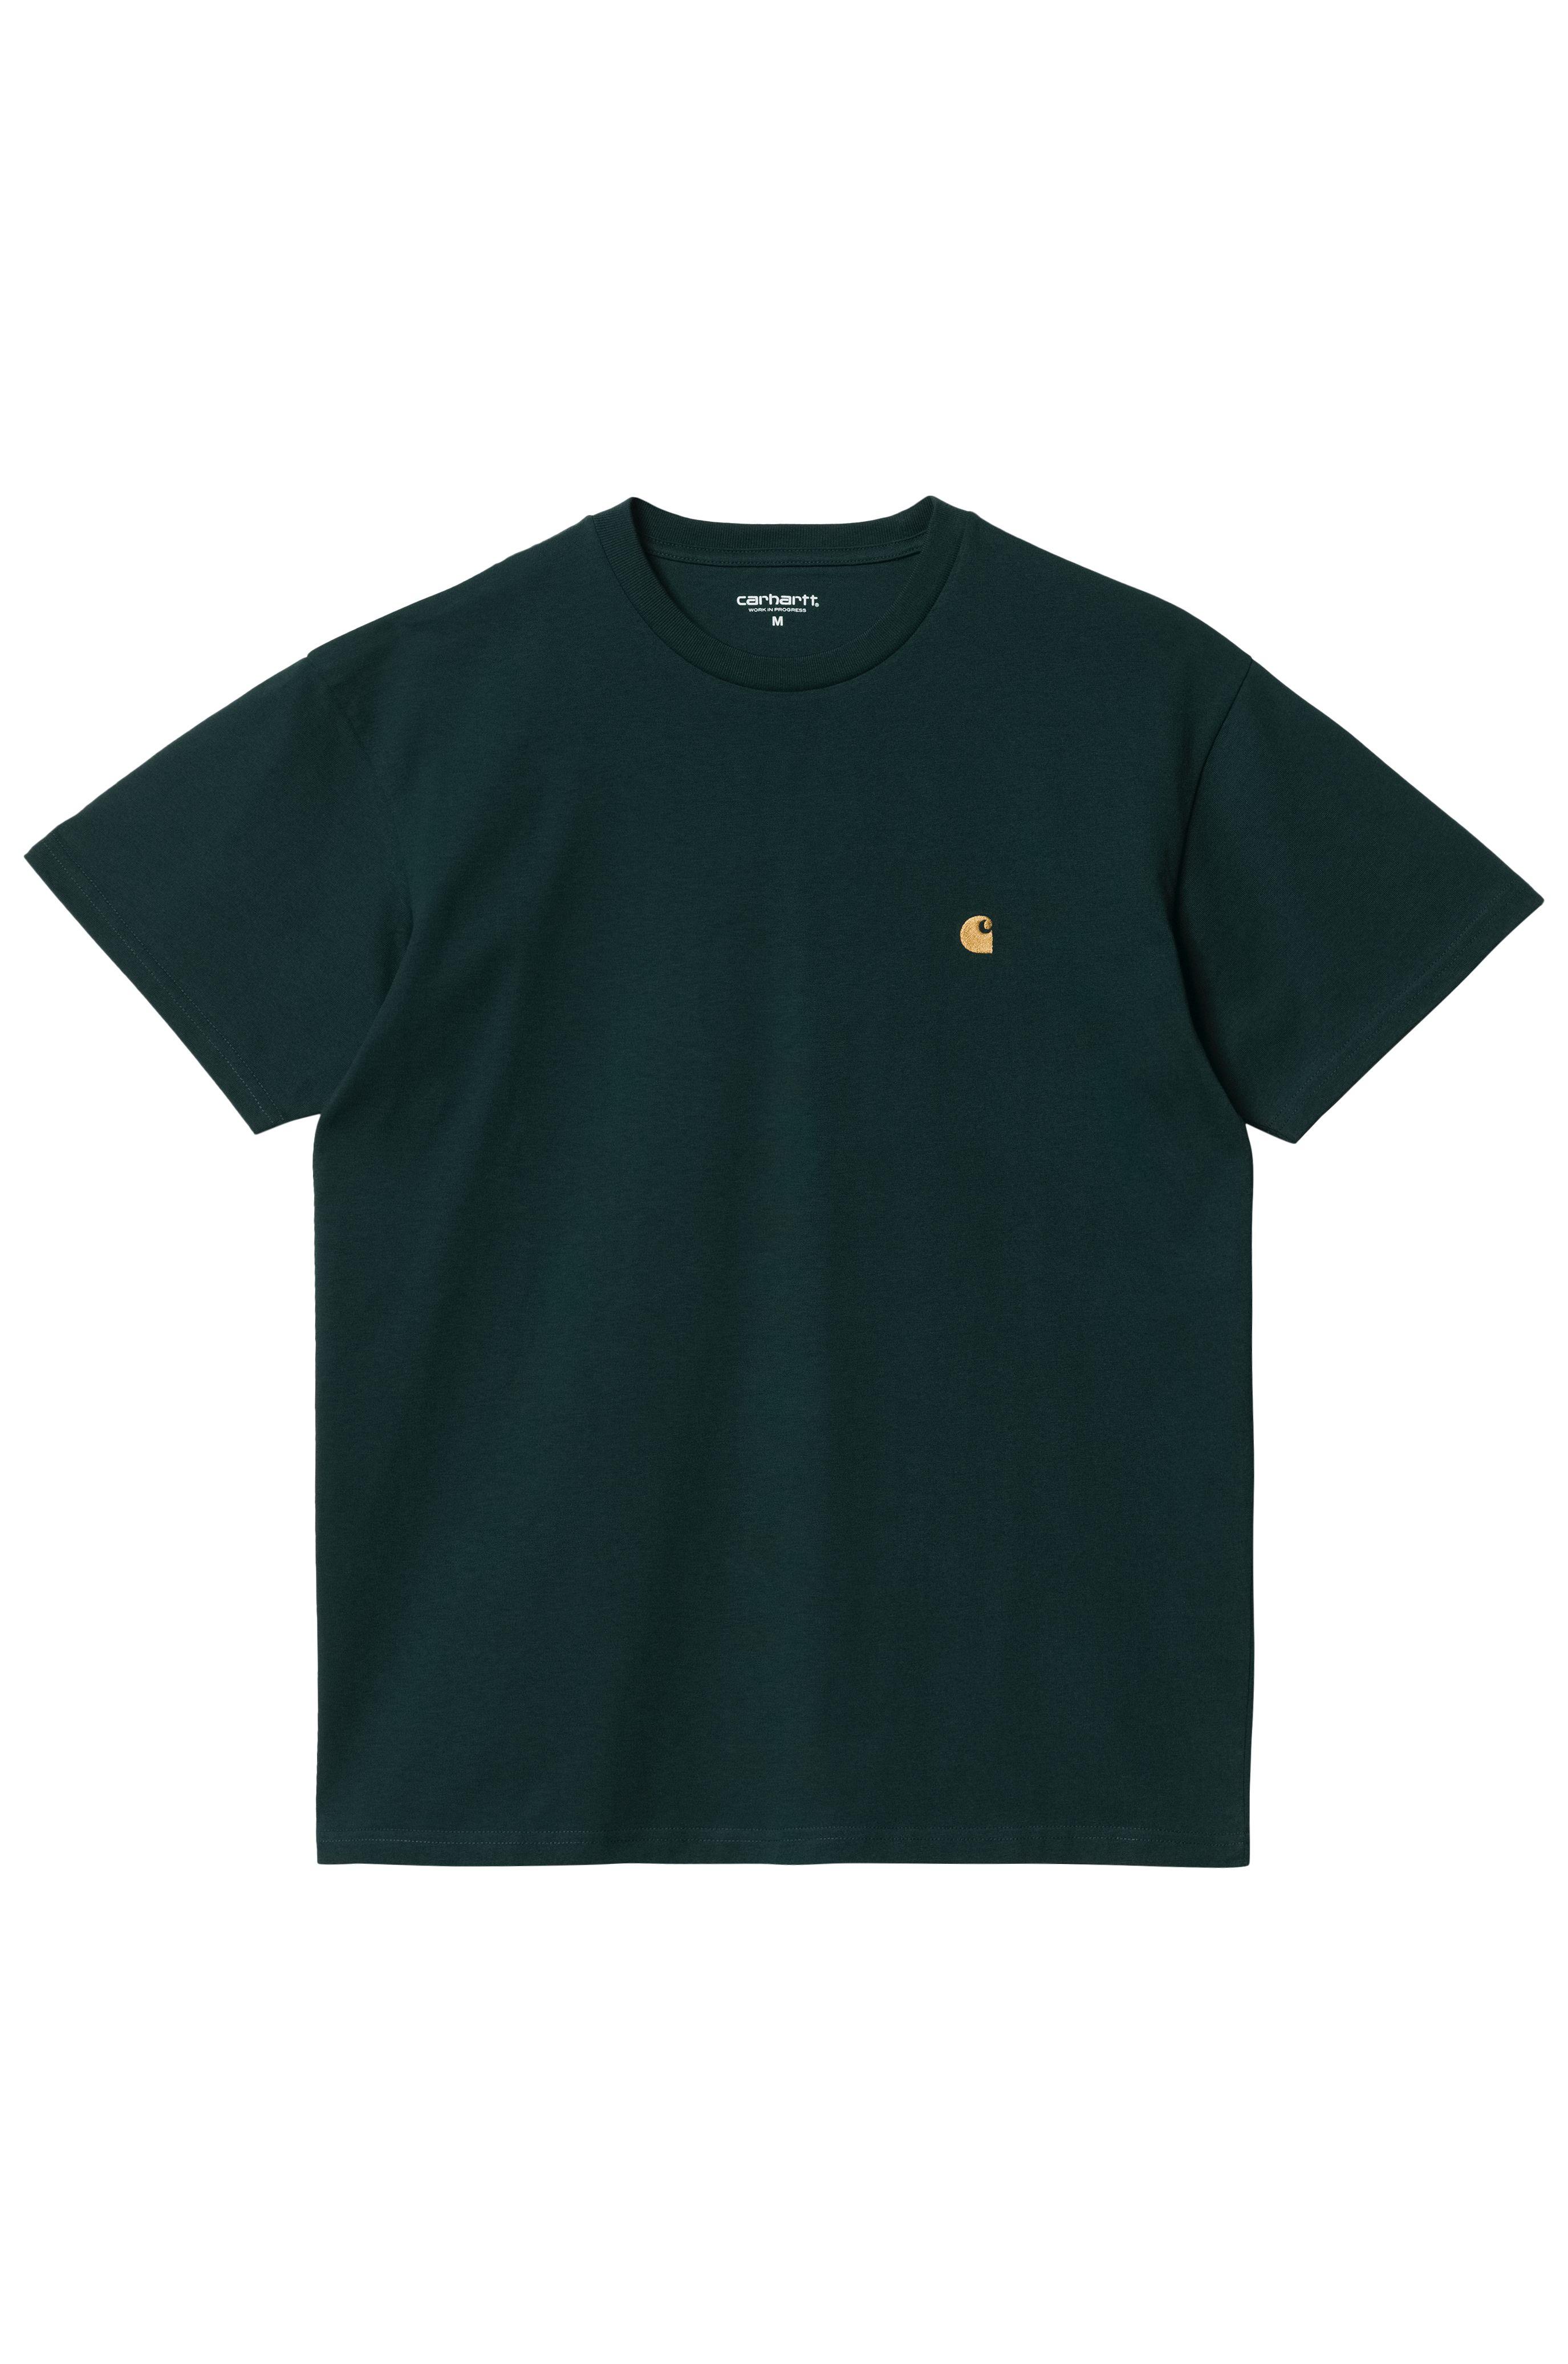 Carhartt WIP T-Shirt CHASE Frasier/Gold